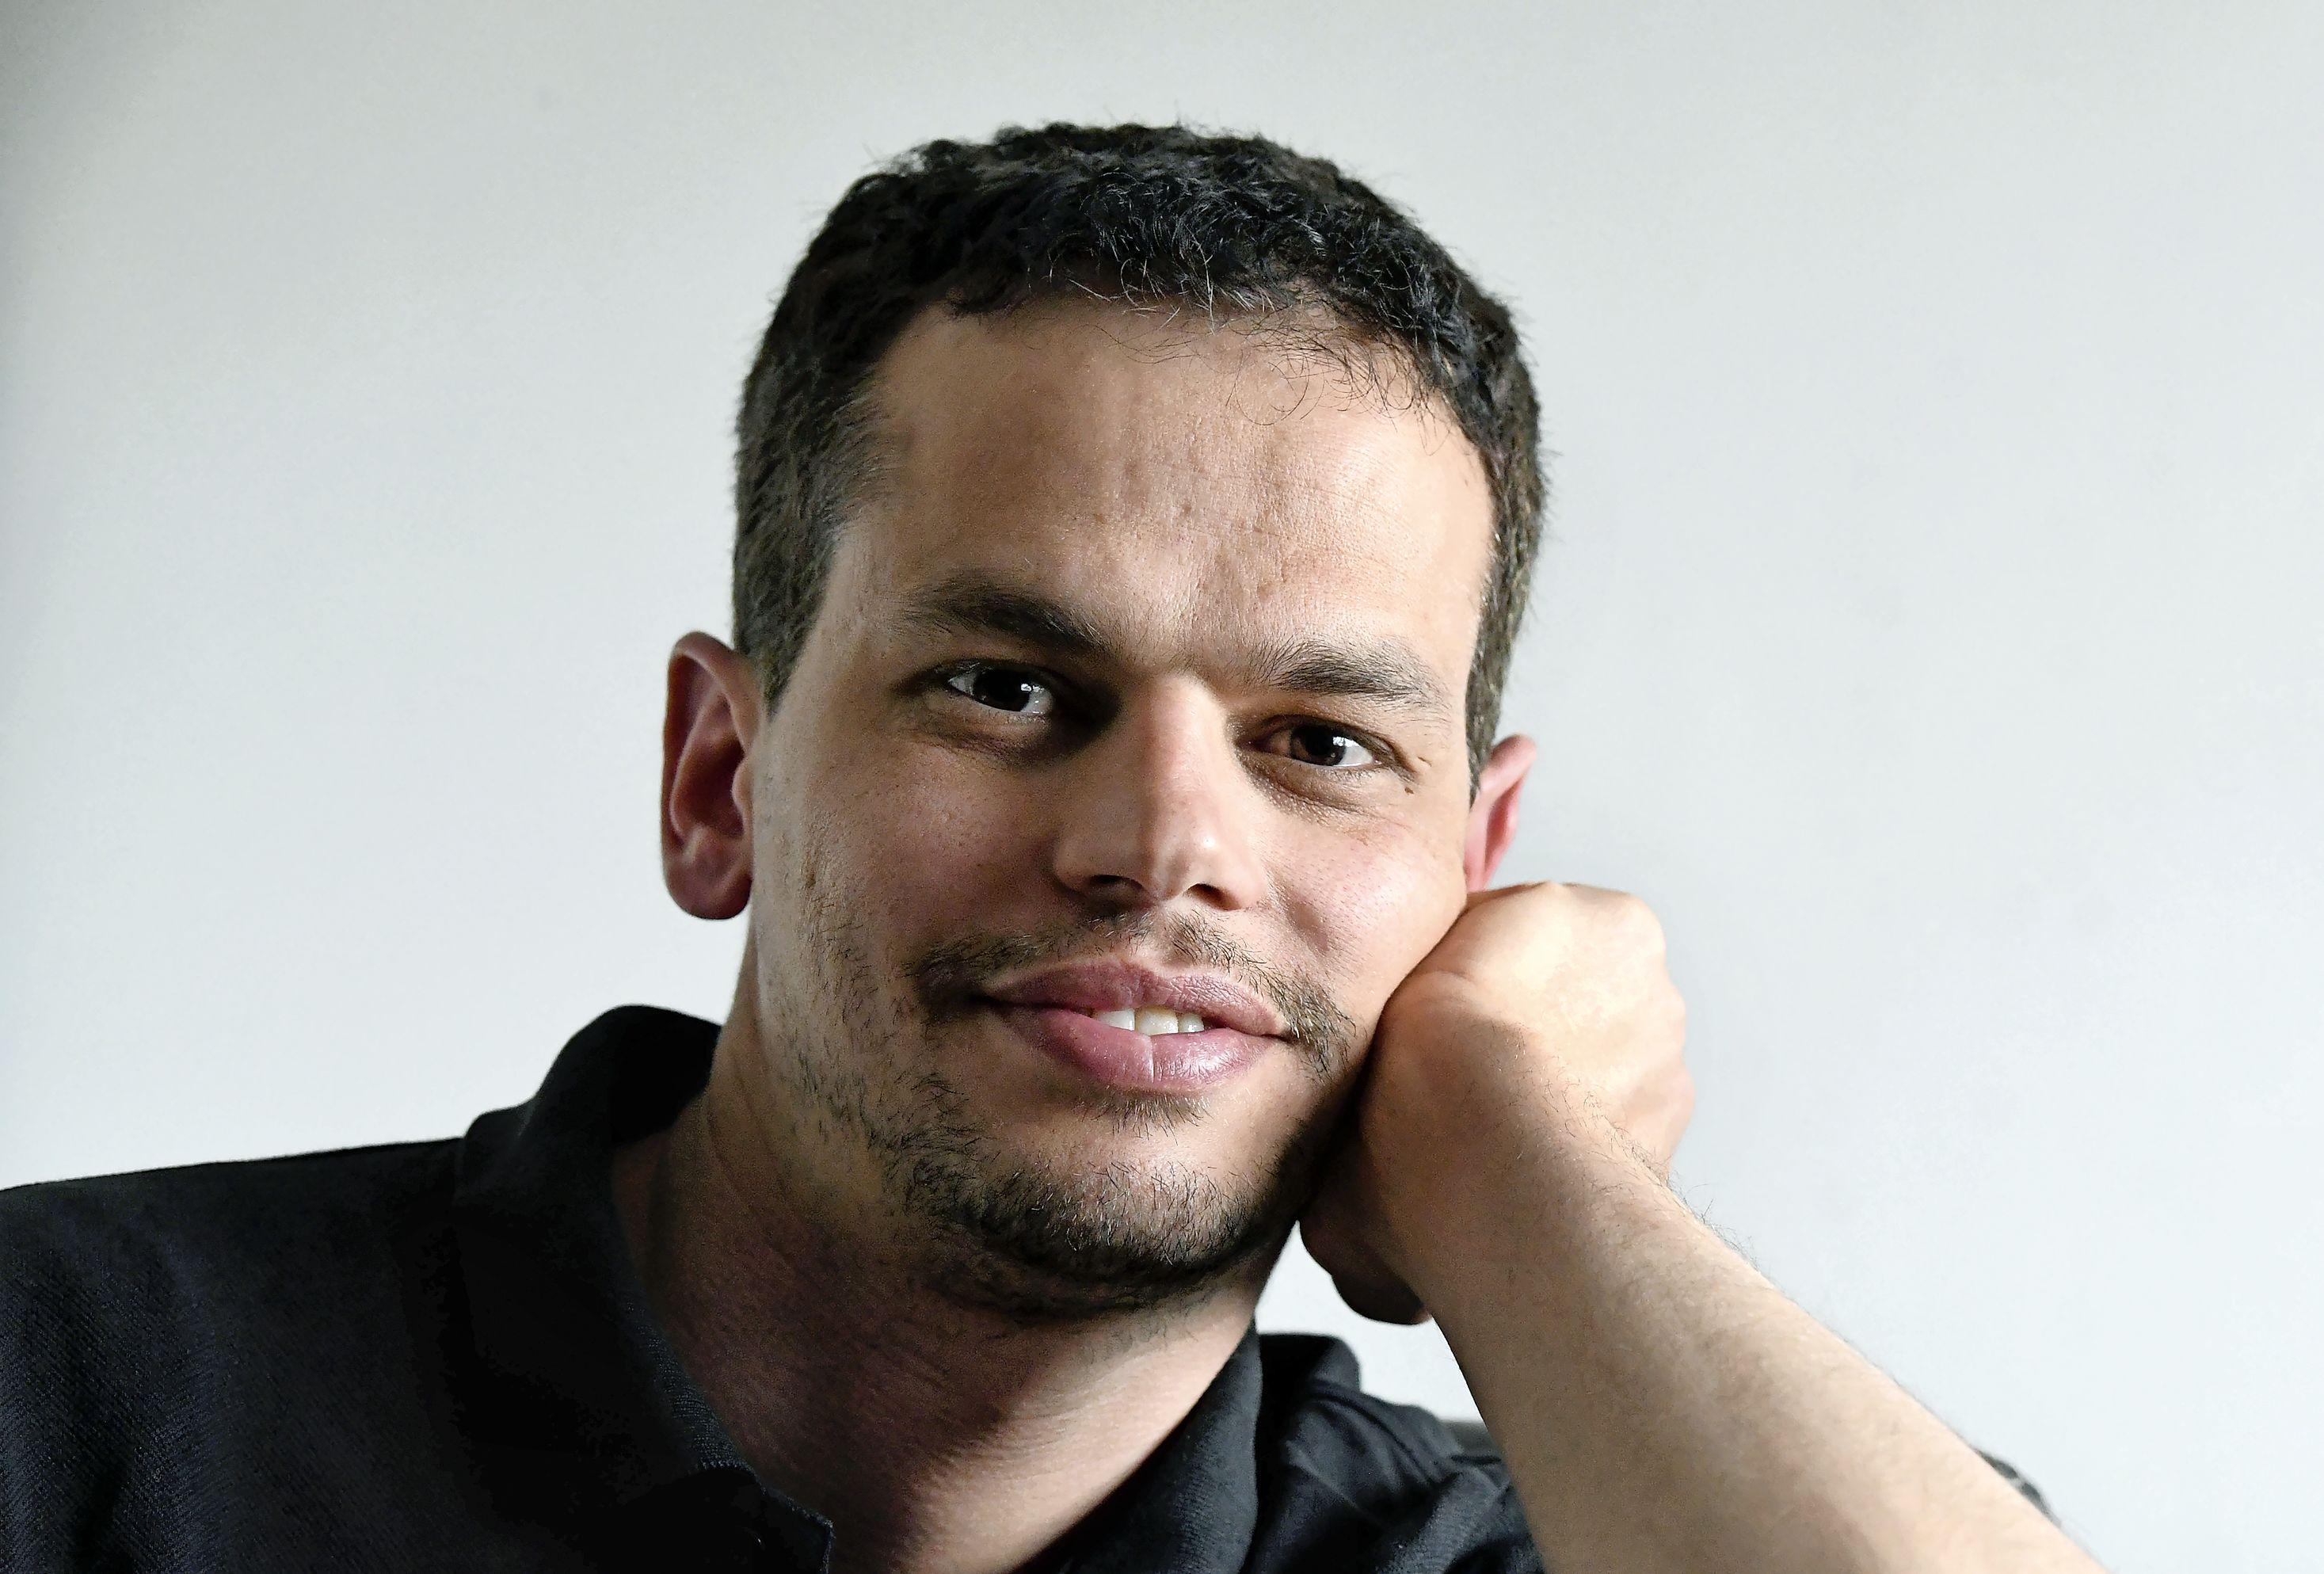 Ibrahim is 35 en heeft al drie oorlogen meegemaakt. In Koeweit, Irak en Syrië. Nu woont hij in Den Helder. Zijn grootste wens? Palestina bezoeken, het land waar hij écht vandaan komt